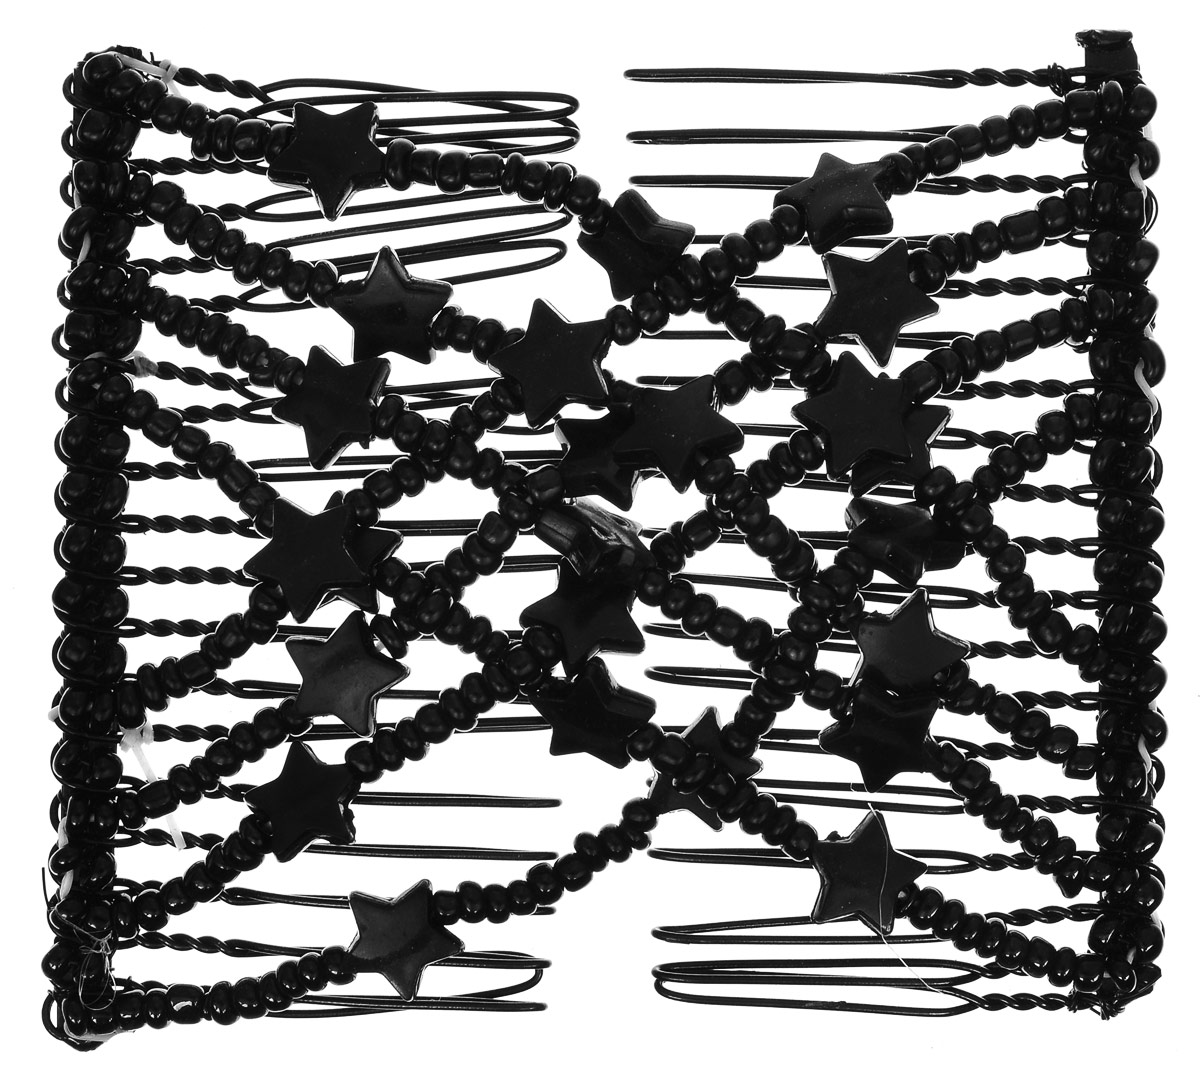 EZ-Combs Заколка Изи-Комбс, одинарная, цвет: черный. ЗИО_звездыЗИО_черный, звездыУдобная и практичная EZ-Combs подходит для любого типа волос: тонких, жестких, вьющихся или прямых, и не наносит им никакого вреда. Заколка не мешает движениям головы и не создает дискомфорта, когда вы отдыхаете или управляете автомобилем. Каждый гребень имеет по 20 зубьев для надежной фиксации заколки на волосах! И даже во время бега и интенсивных тренировок в спортзале EZ-Combs не падает; она прочно фиксирует прическу, сохраняя укладку в первозданном виде.Небольшая и легкая заколка для волос EZ-Combs поместится в любой дамской сумочке, позволяя быстро и без особых усилий создавать неповторимые прически там, где вам это удобно. Гребень прекрасно сочетается с любой одеждой: будь это классический или спортивный стиль, завершая гармоничный облик современной леди. И неважно, какой образ жизни вы ведете, если у вас есть EZ-Combs, вы всегда будете выглядеть потрясающе.